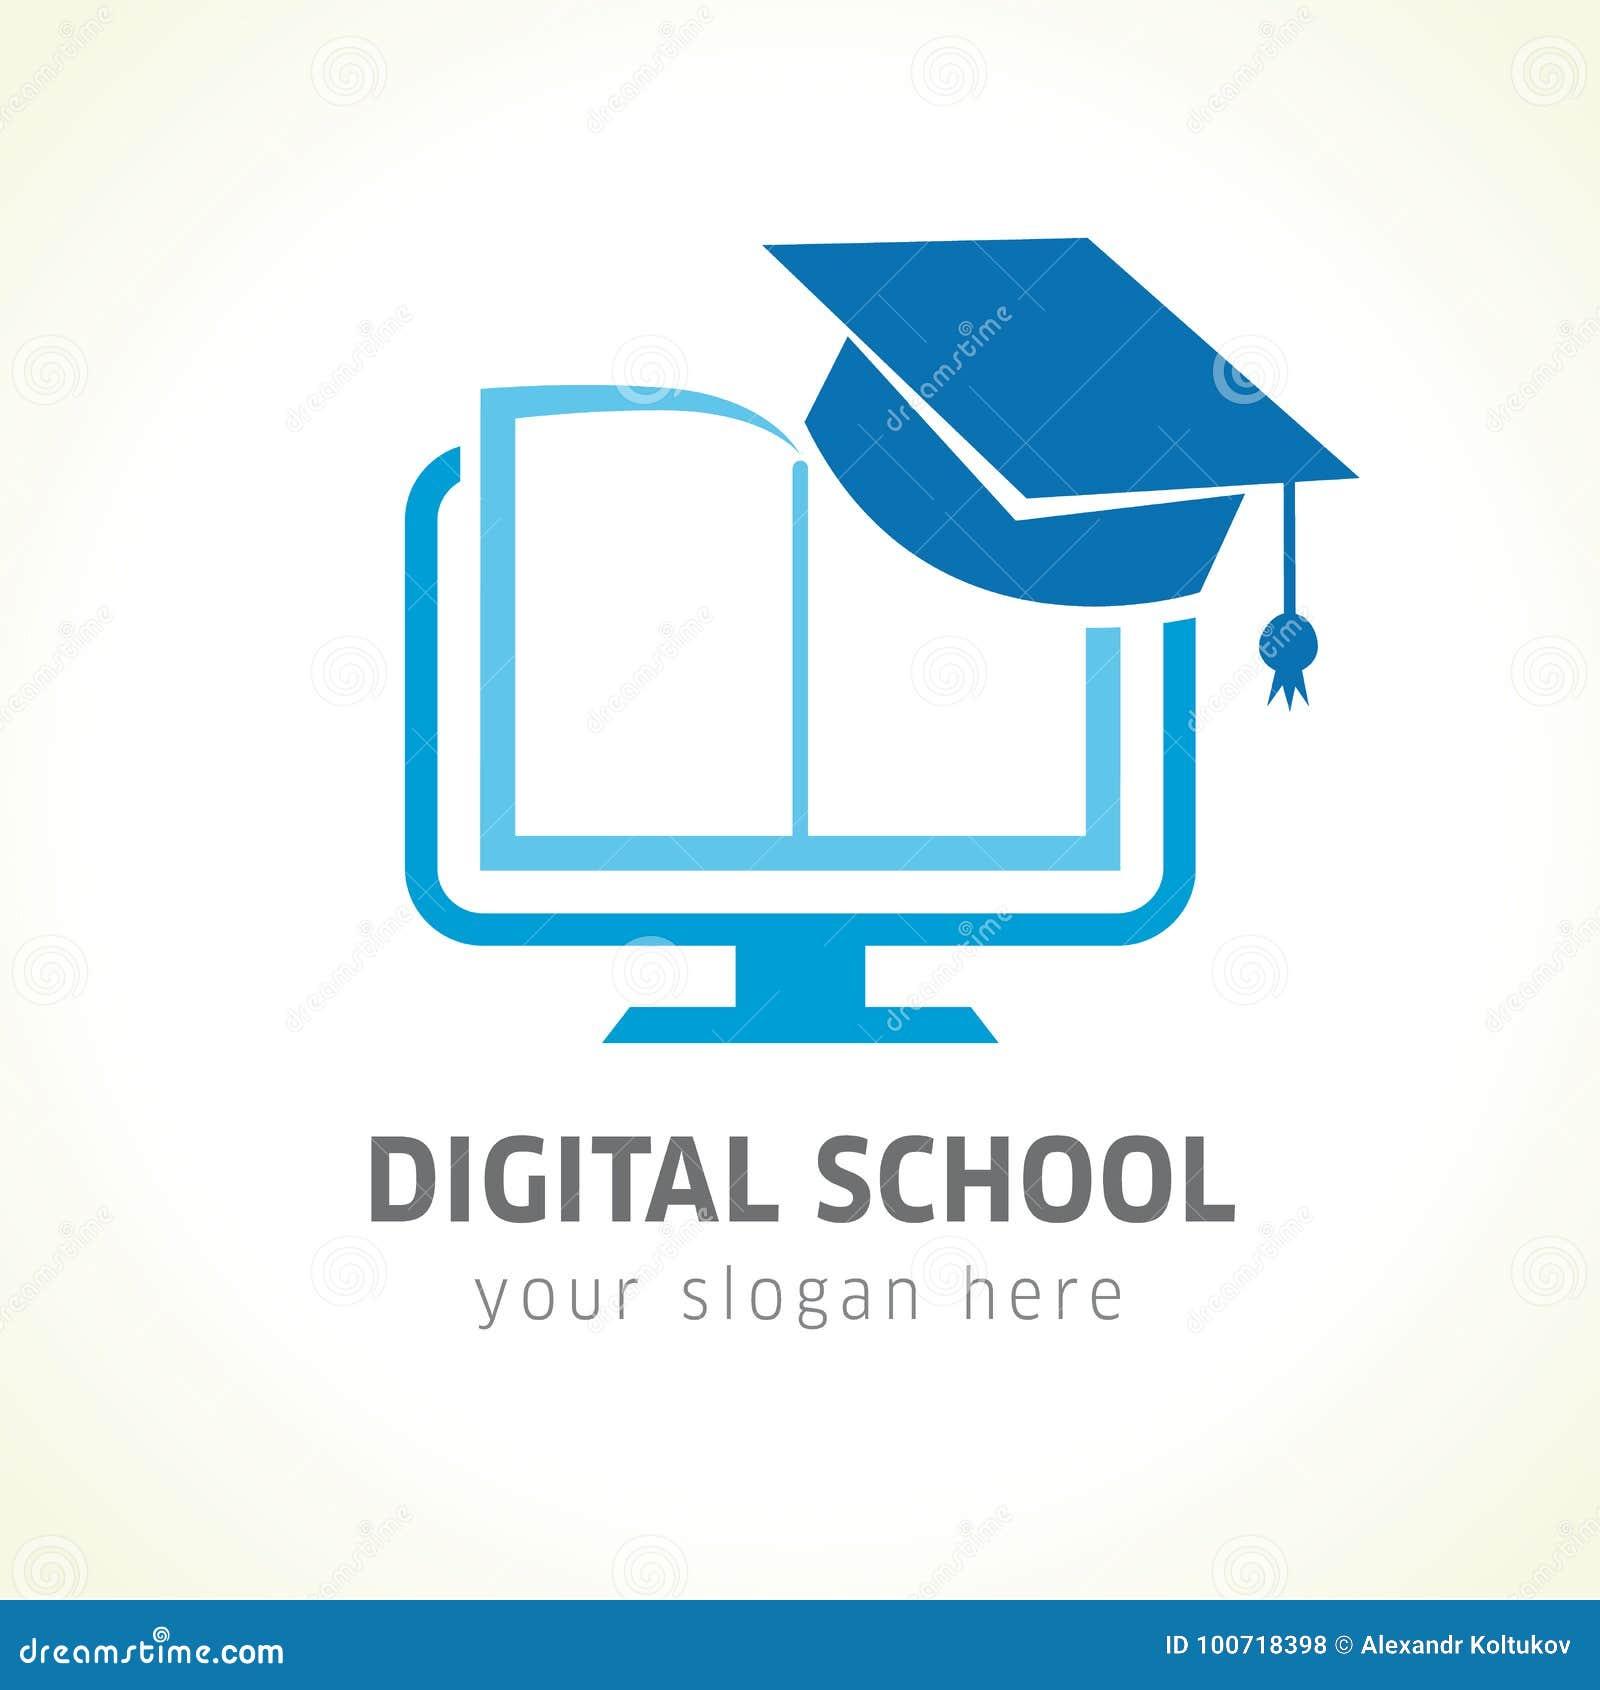 Digital School Online Logo Vector Illustration ...